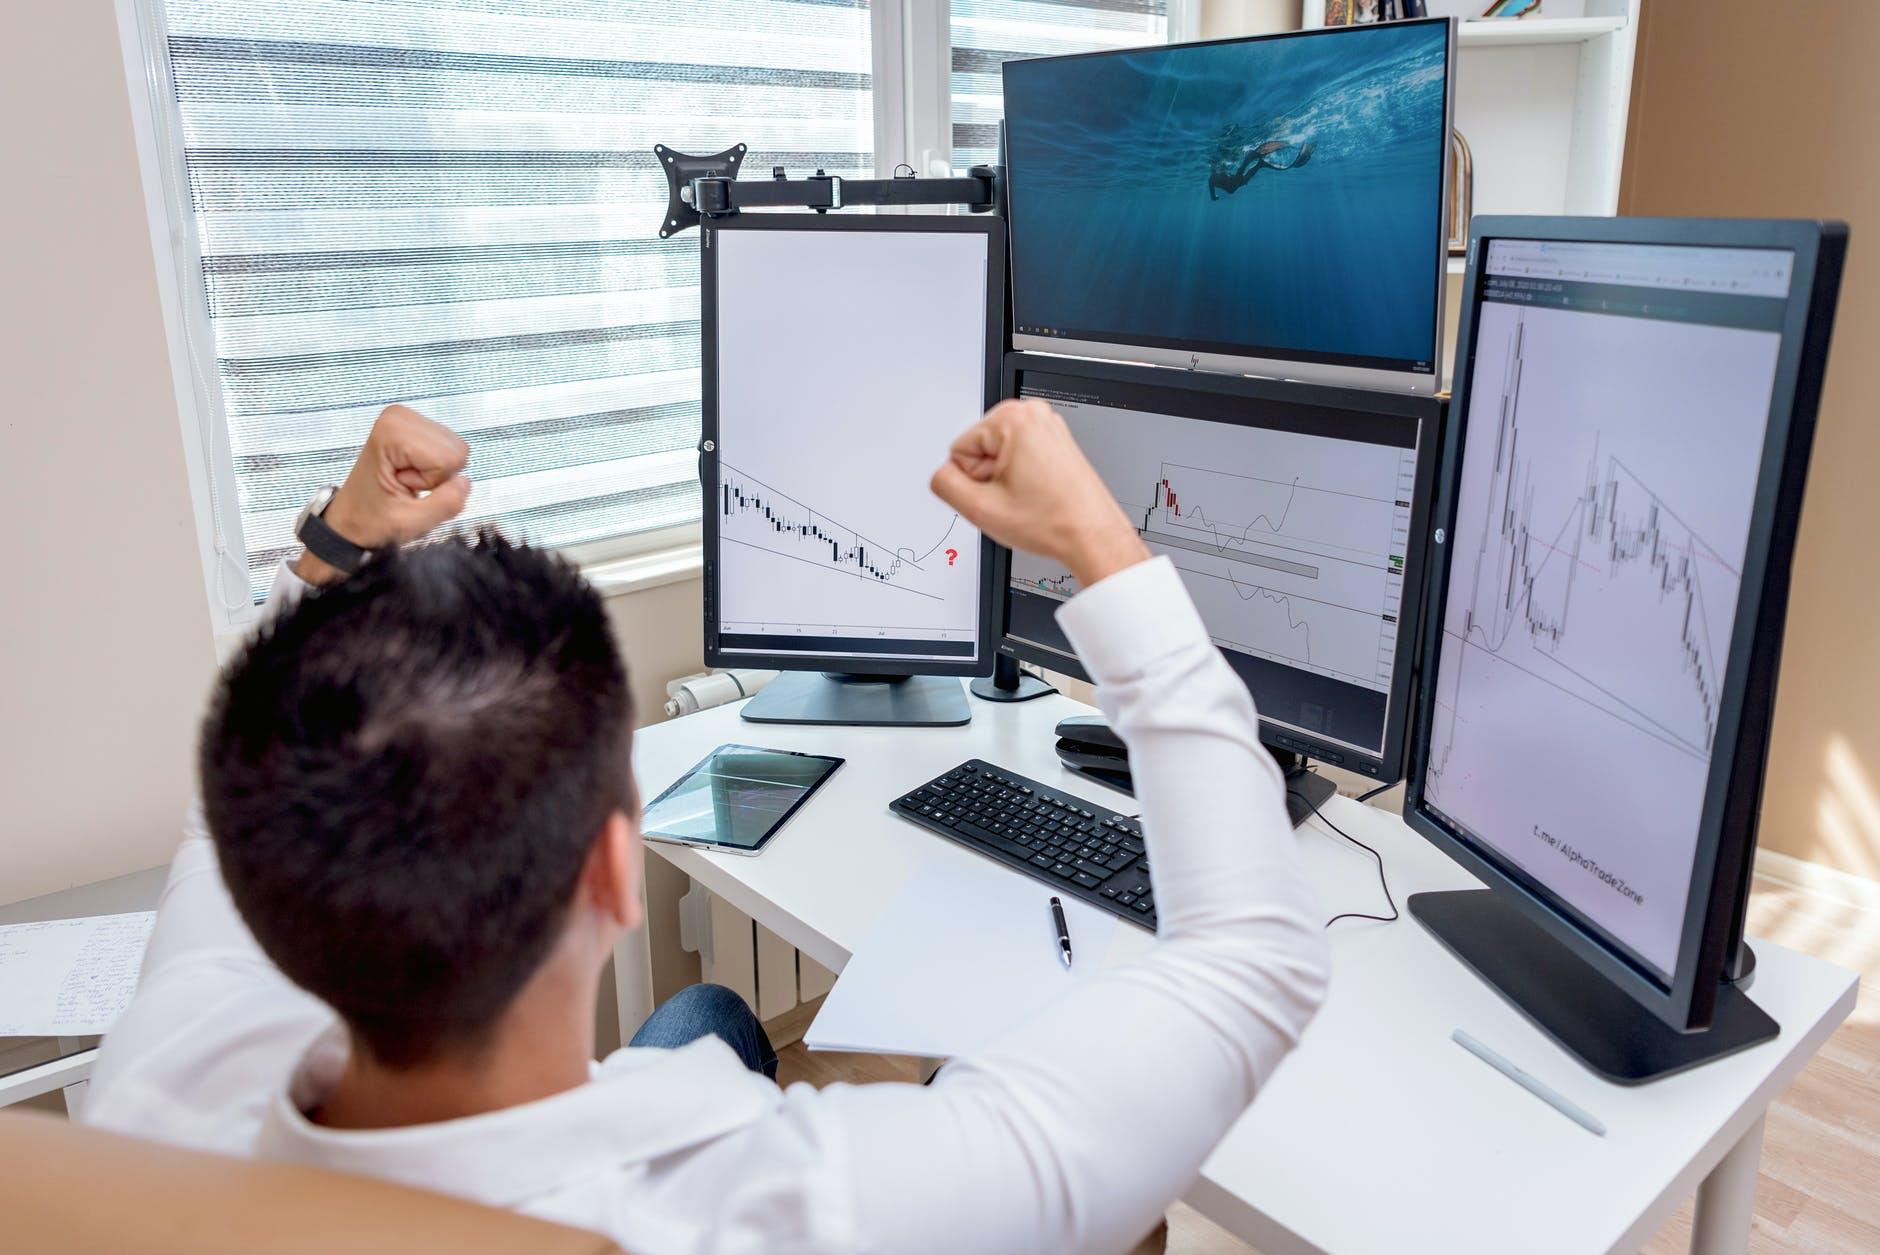 man woman desk laptop